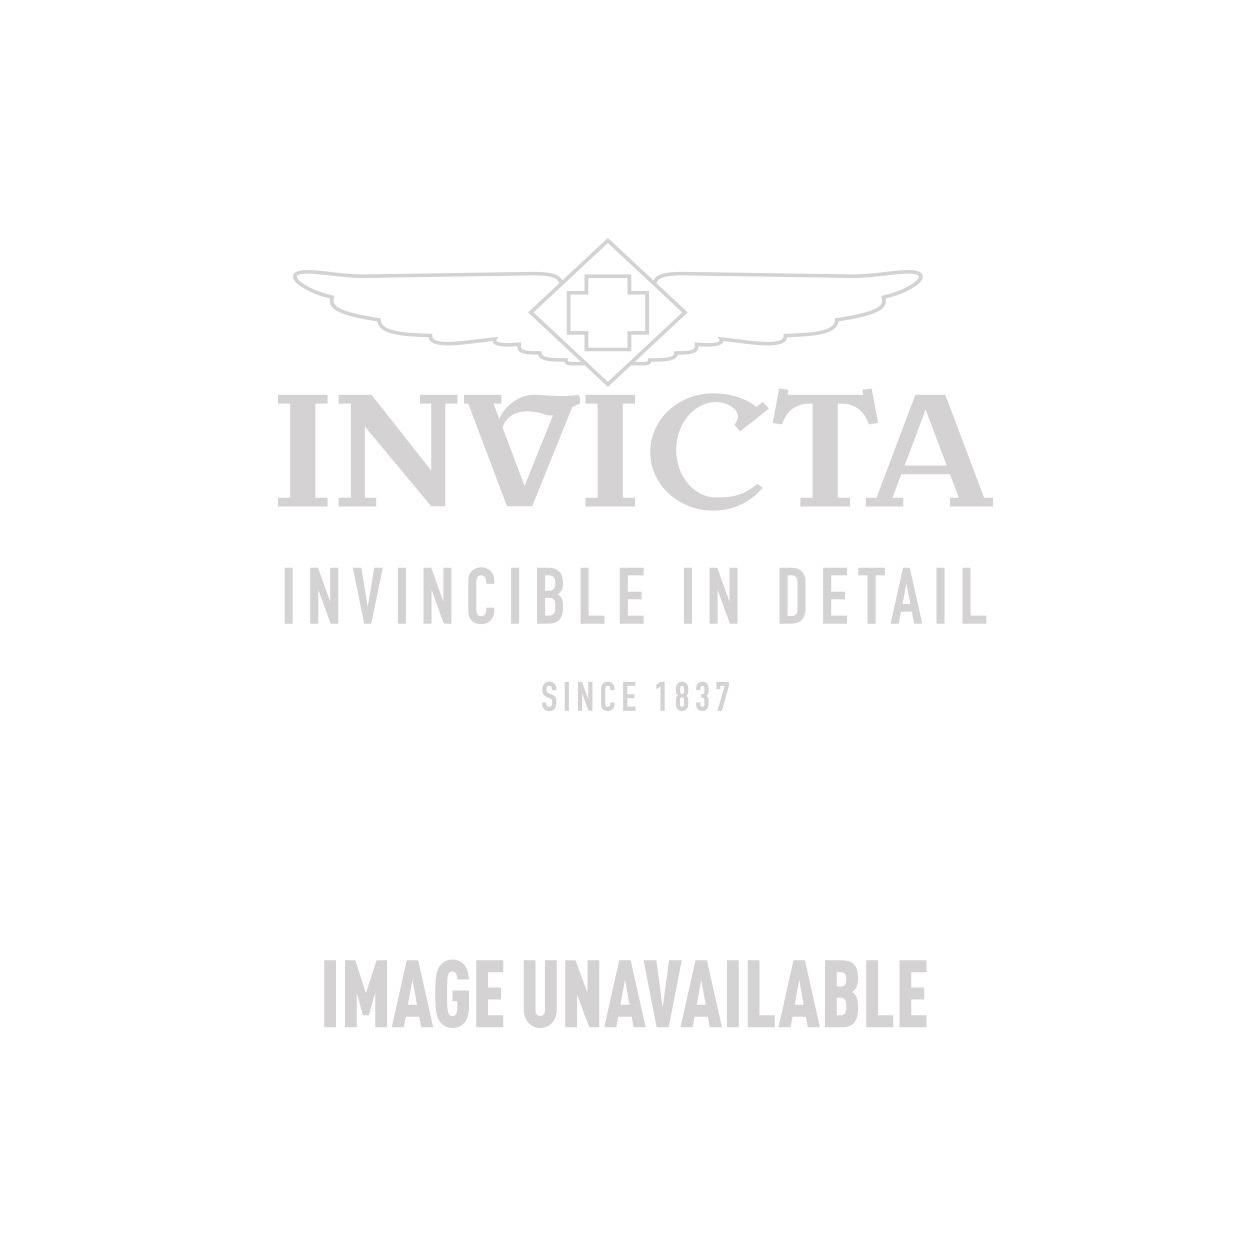 Invicta Model 25948